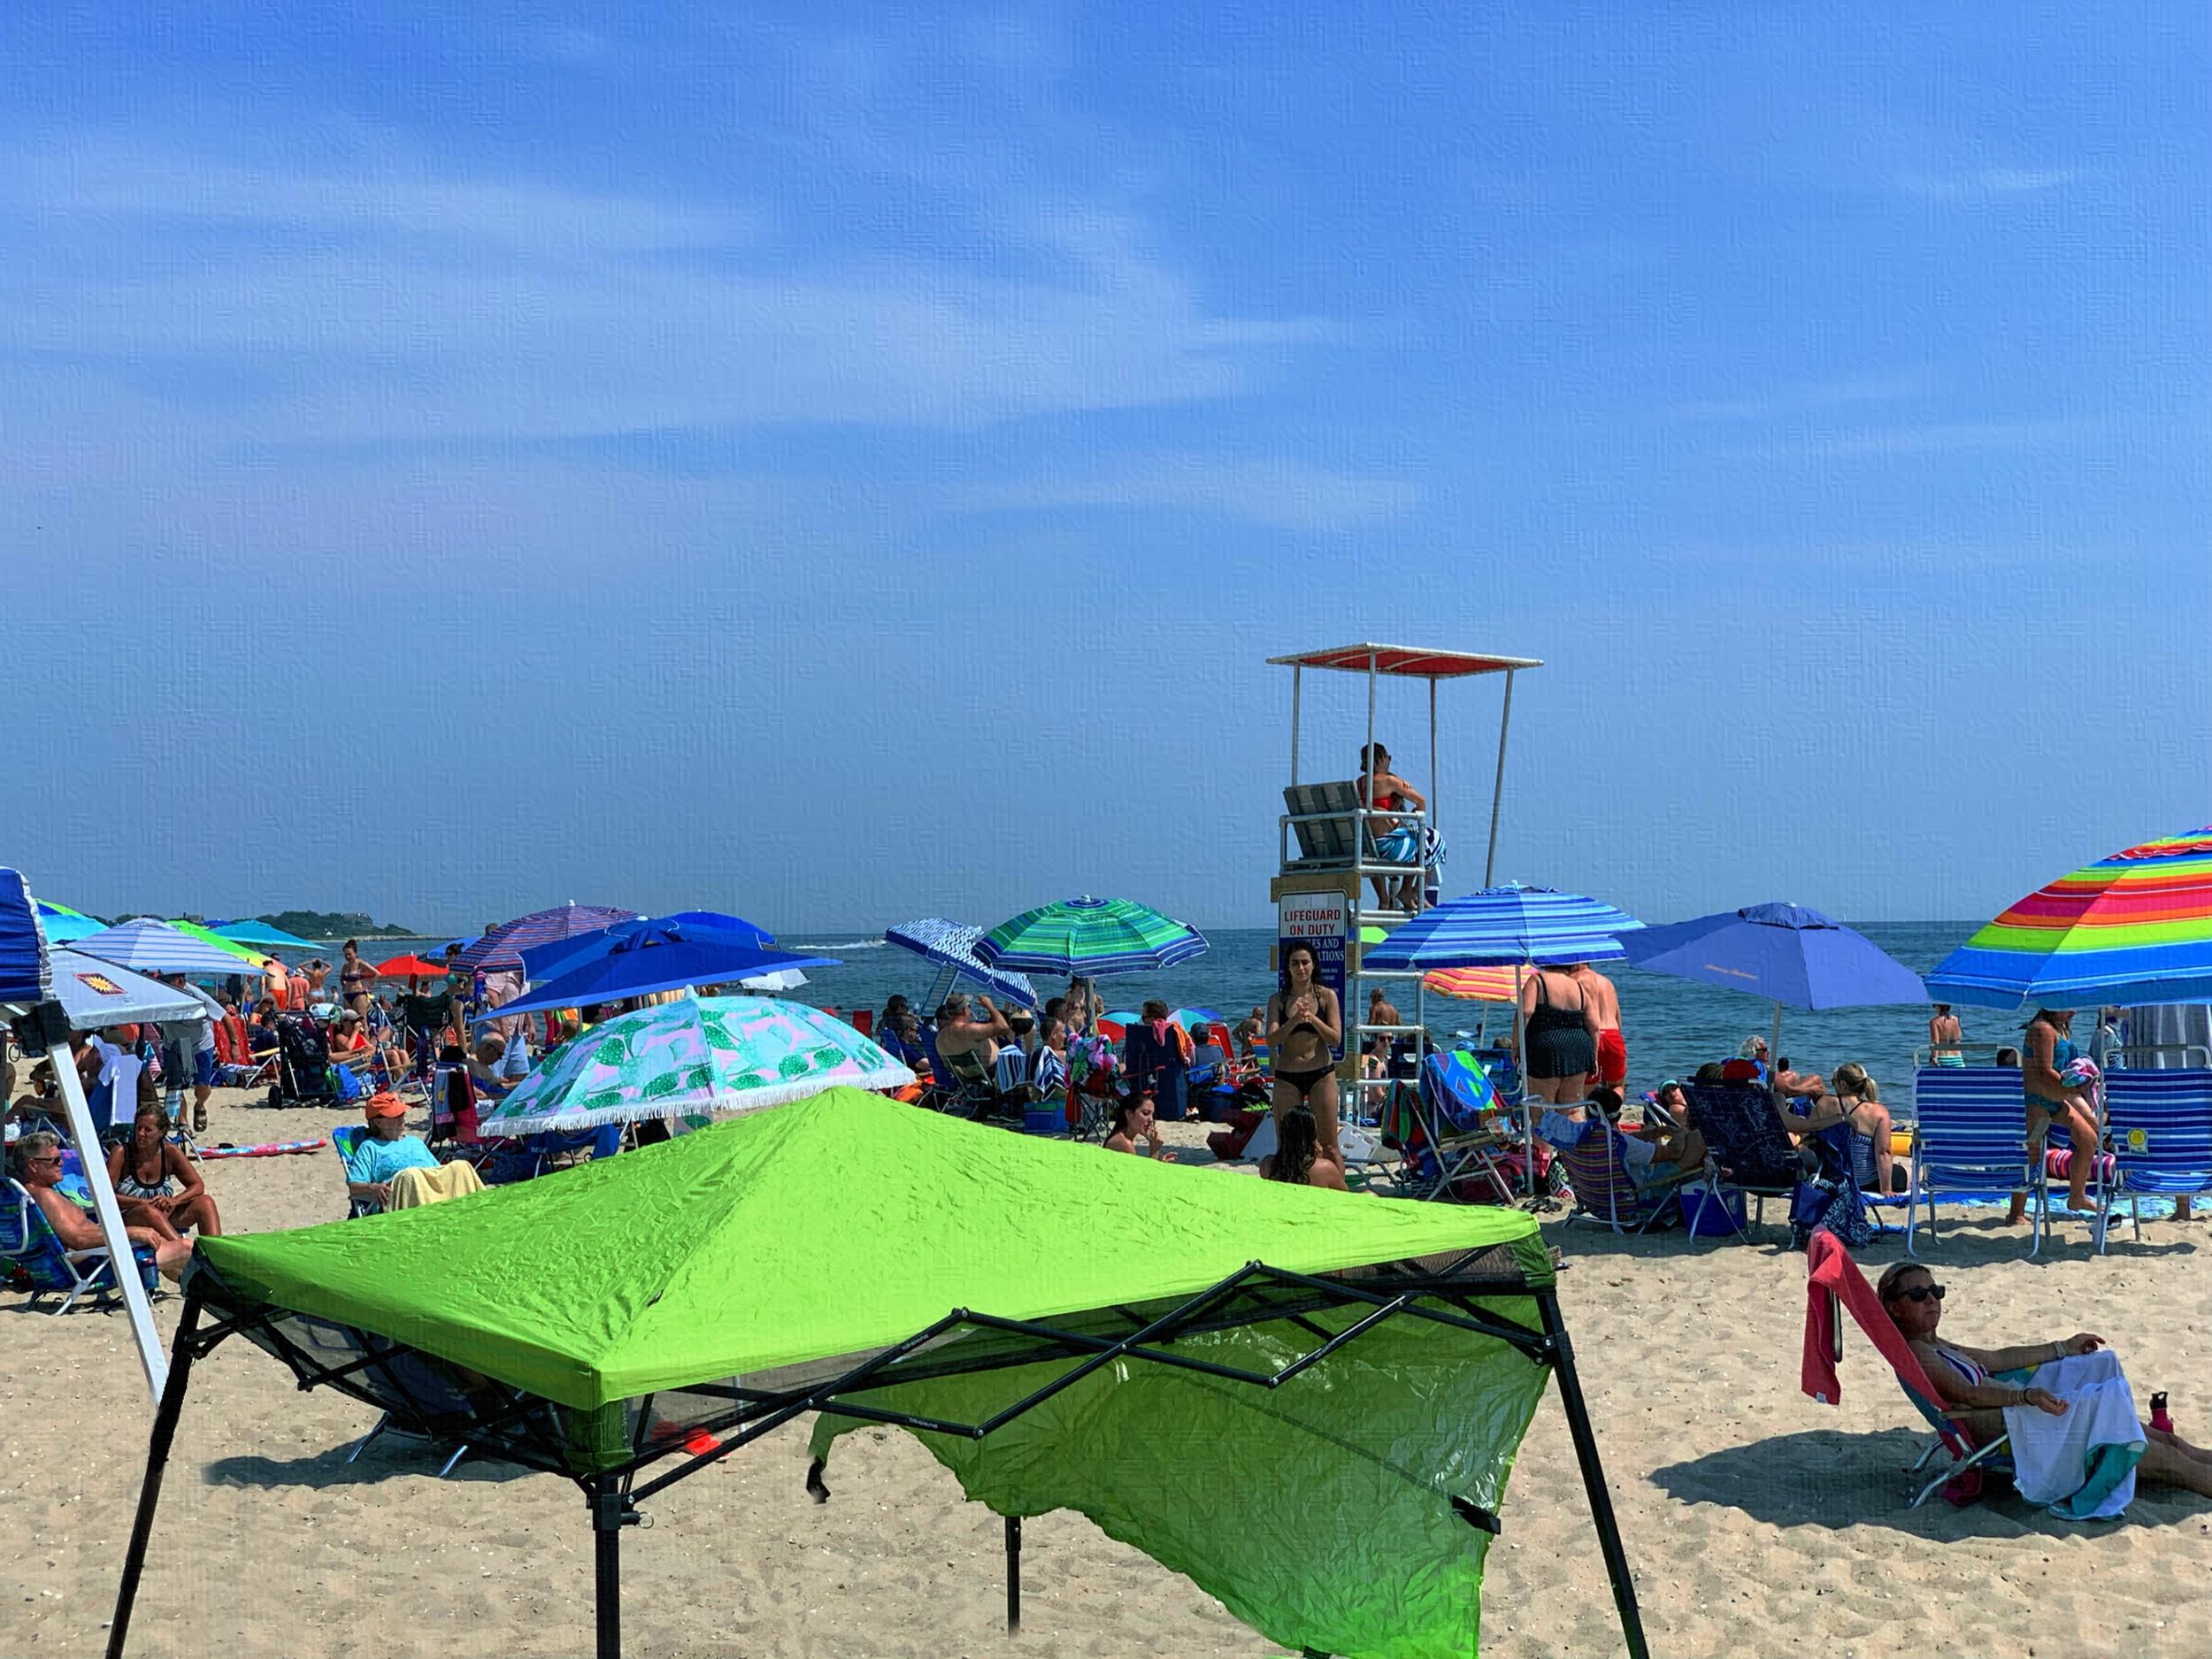 July 2, 2019 - A sea of umbrellas [iColorama]